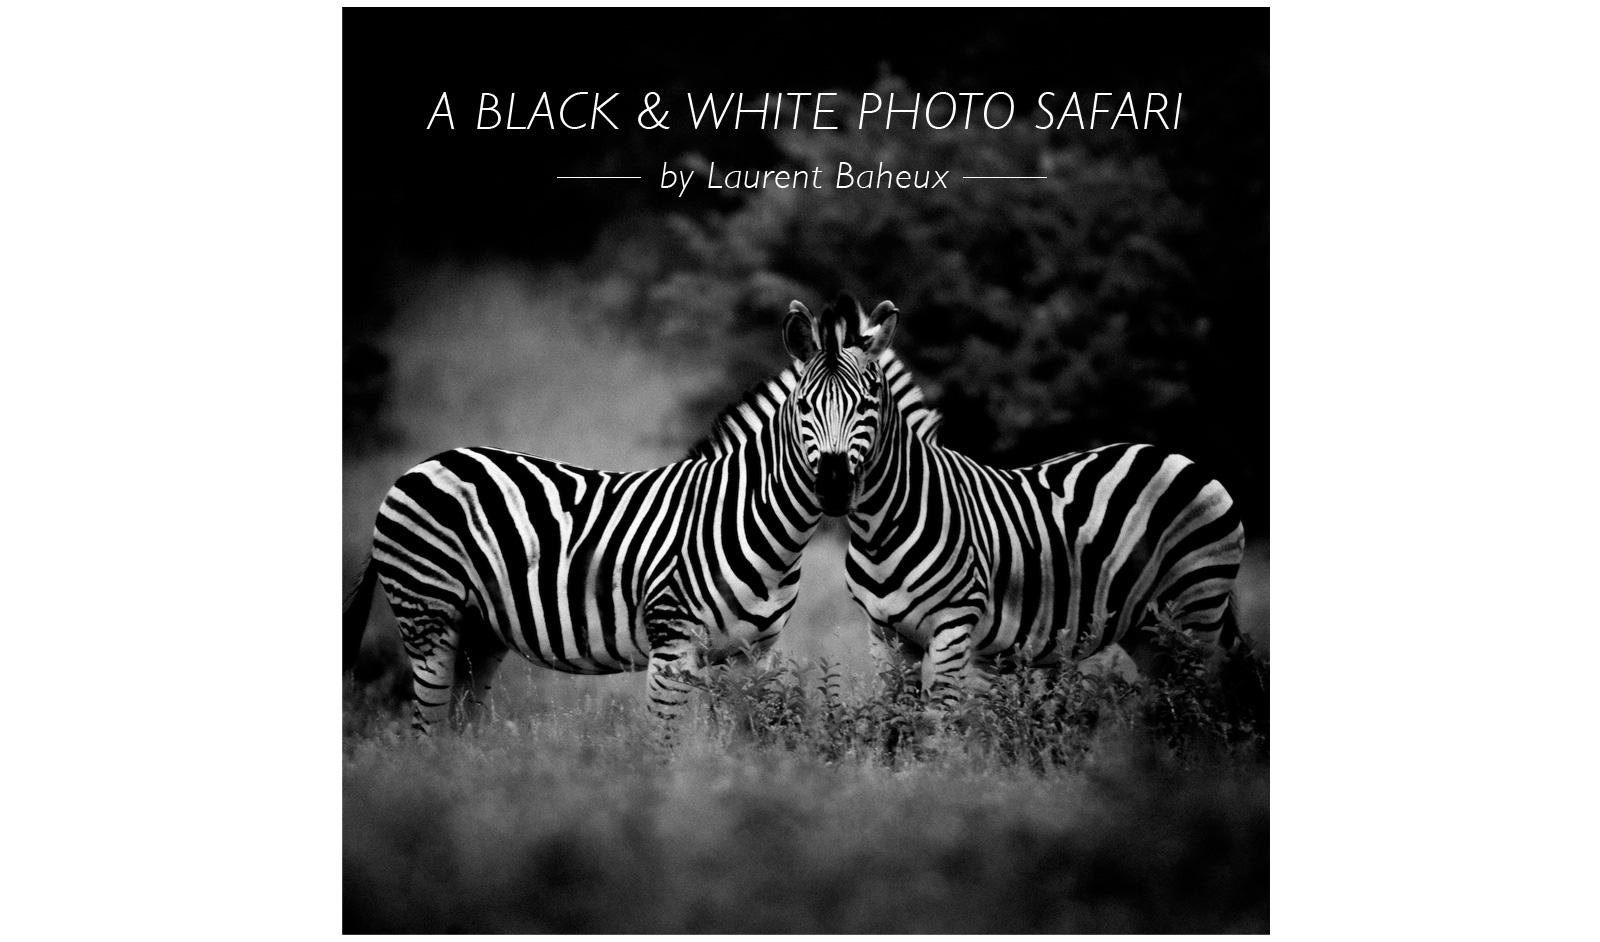 zebra-black-and-white